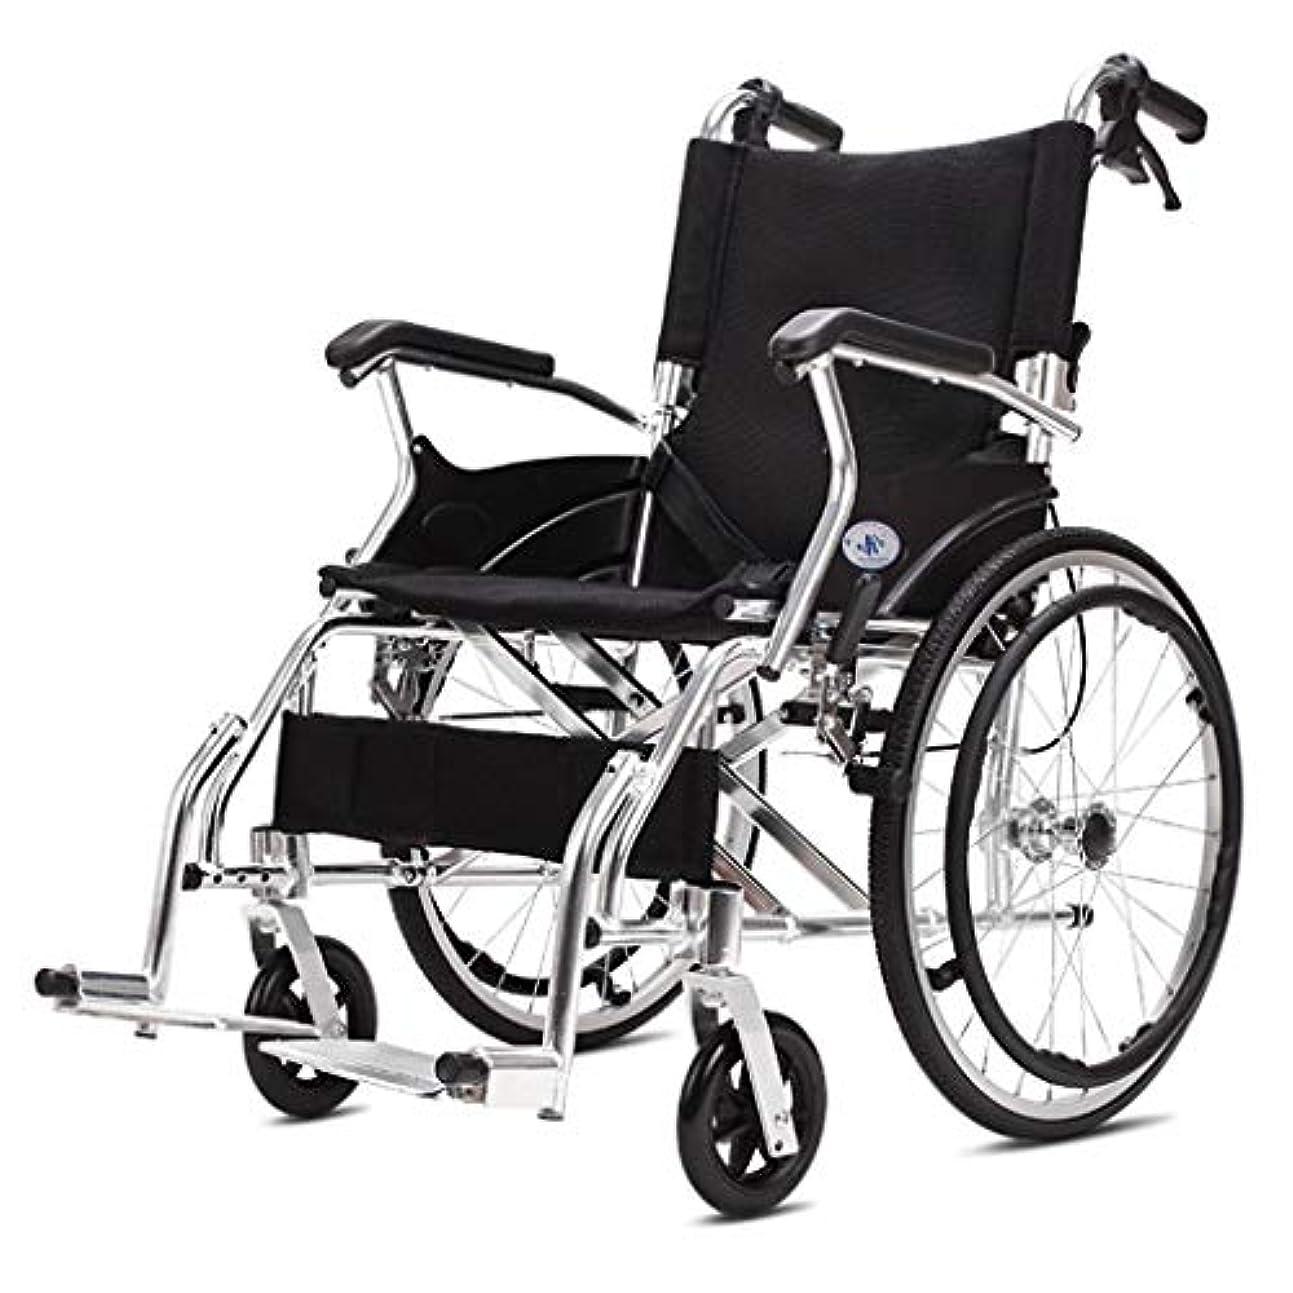 印をつける愛フィルタ車椅子多機能取り外し可能なレギンス、高齢者向けアルミニウム合金、身体障害者用旅行折りたたみ式ポータブルトロリー車椅子